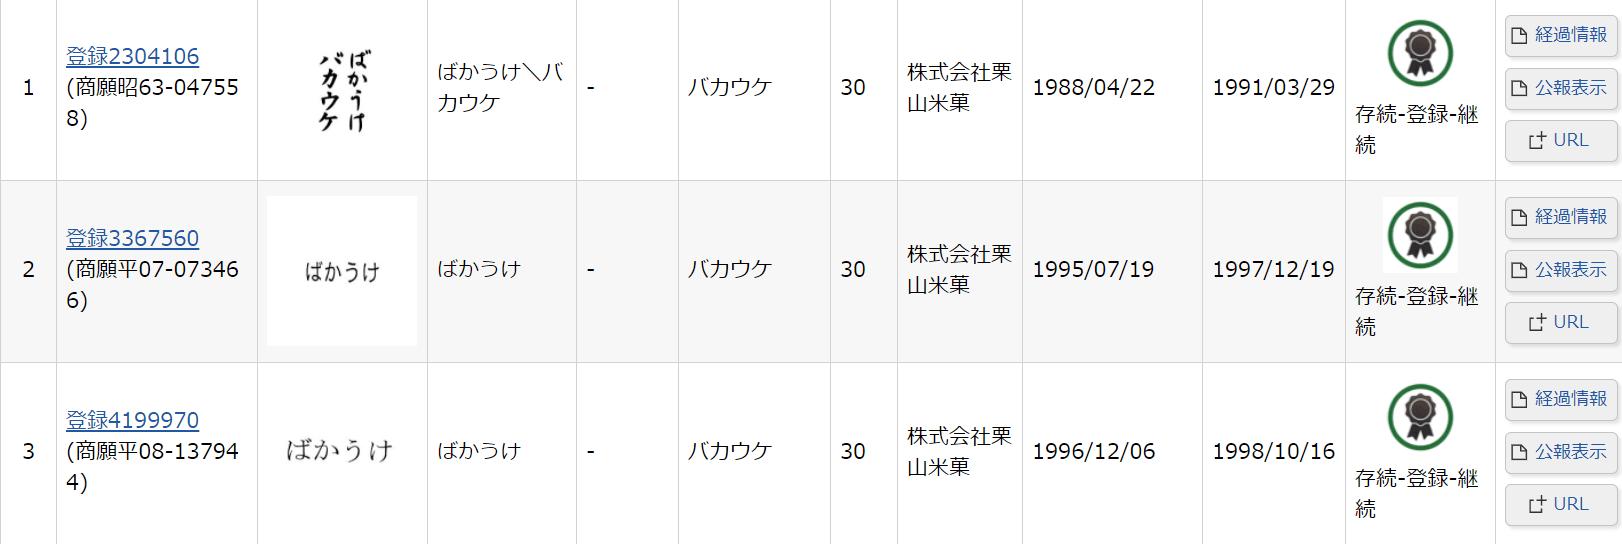 ばかうけ_商標登録